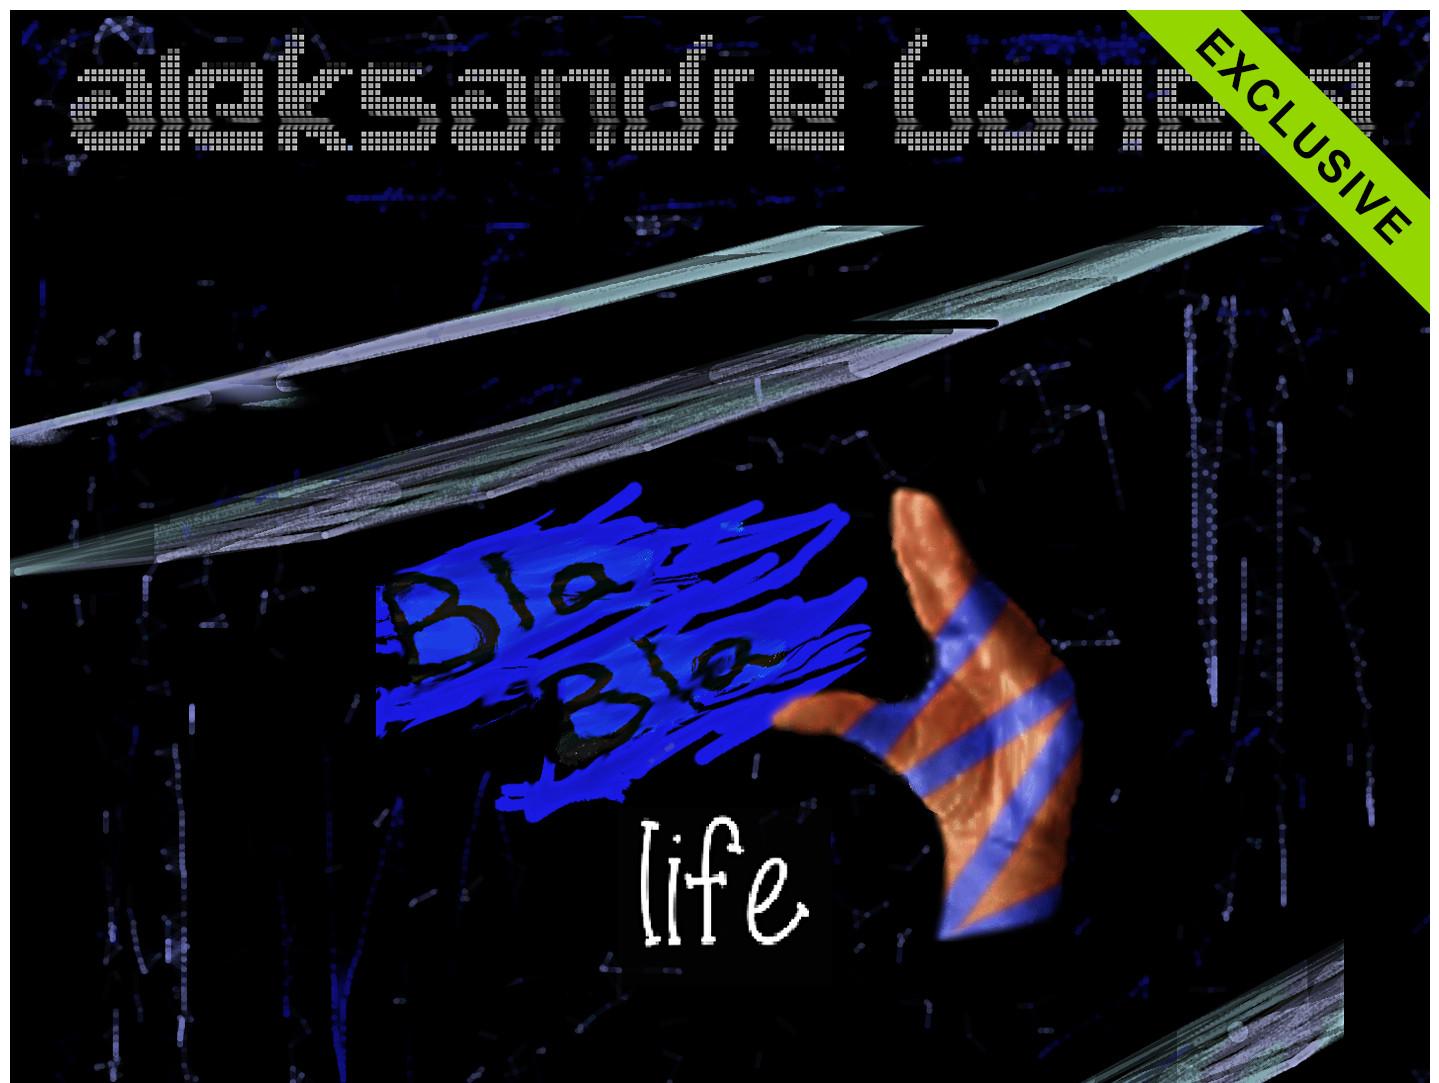 Bla Bla Life EP